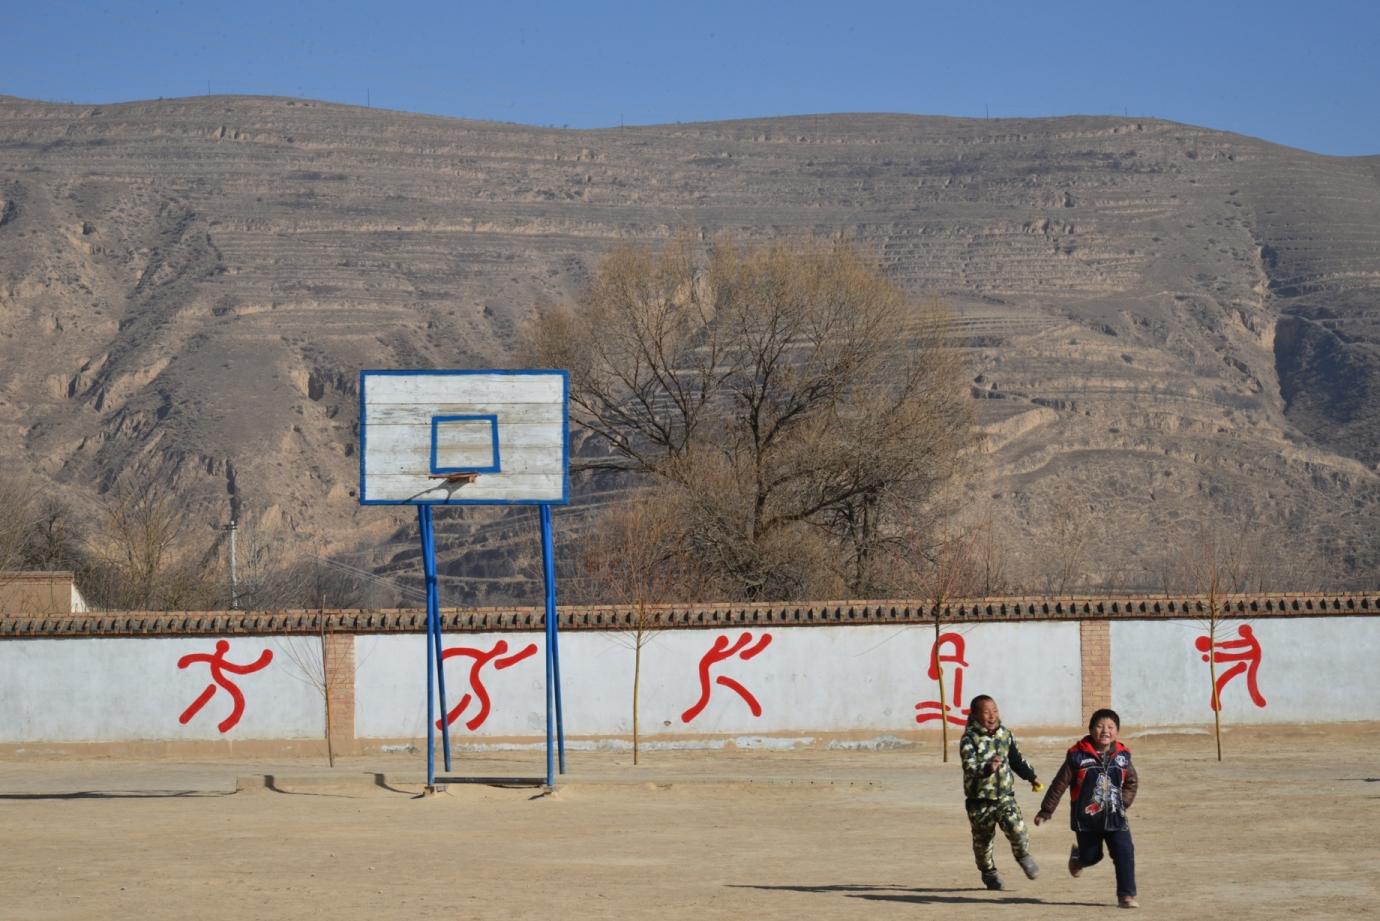 教育可打破跨代貧窮的枷鎖,我們希望協助中國西部偏遠貧困地區的兒童獲得基礎教育的權利,令他們以知識改變命運。